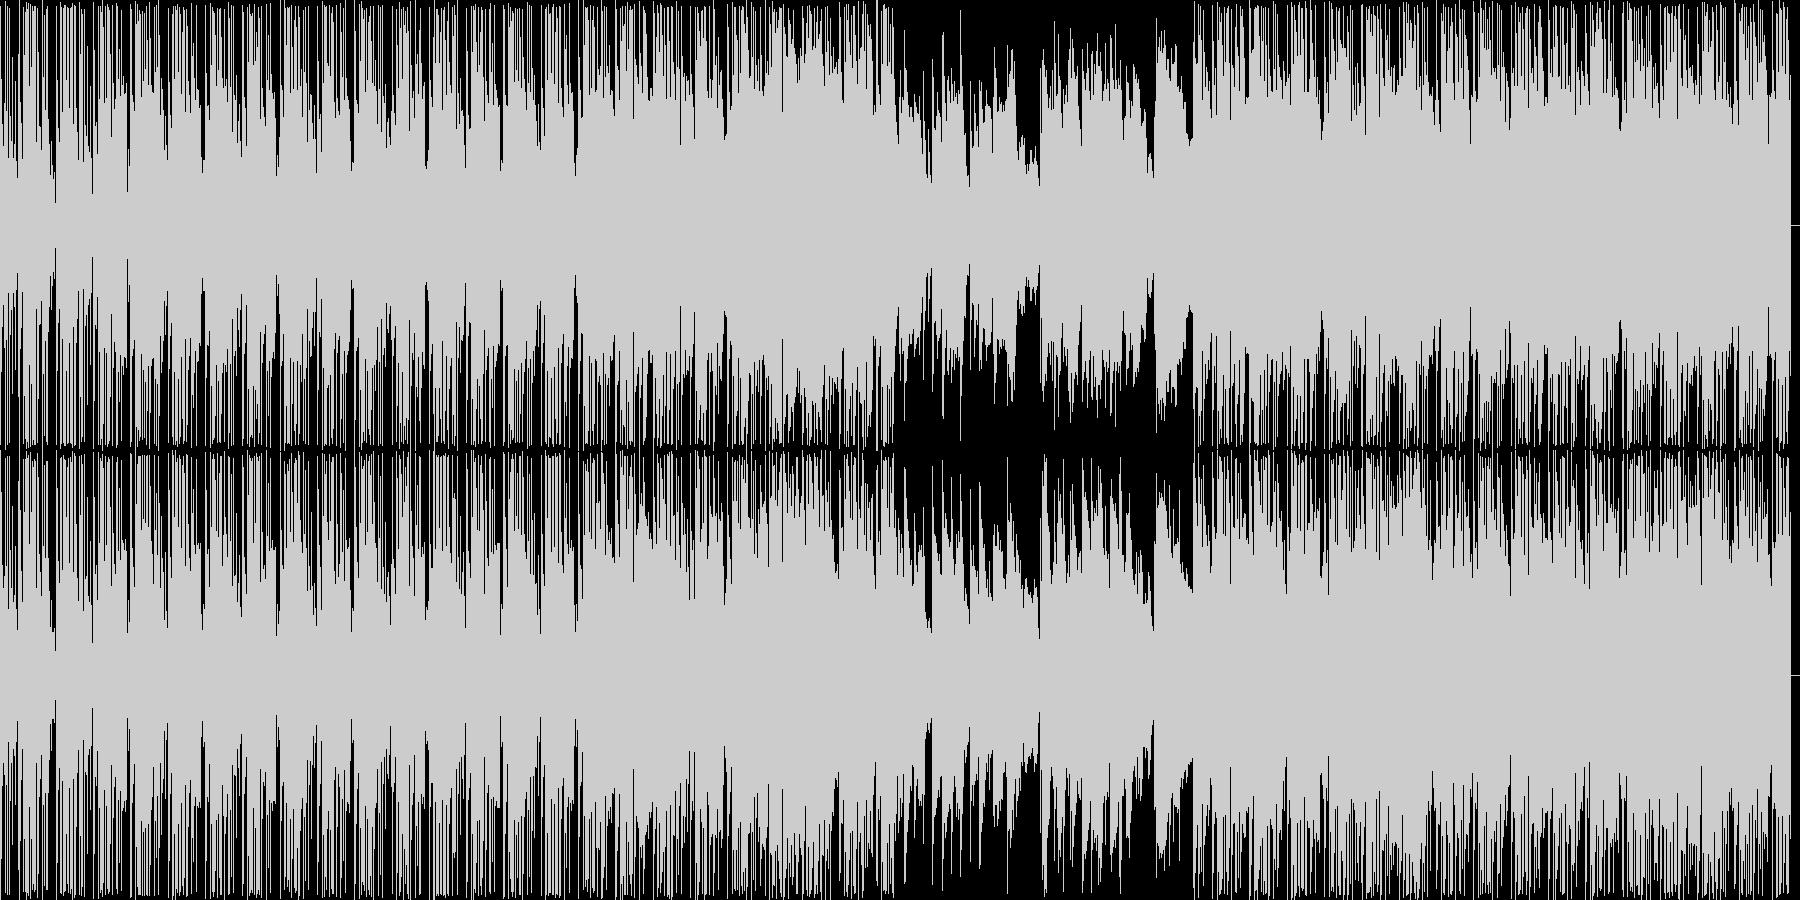 【悲しげなBGM・エレクトロニカ】の未再生の波形